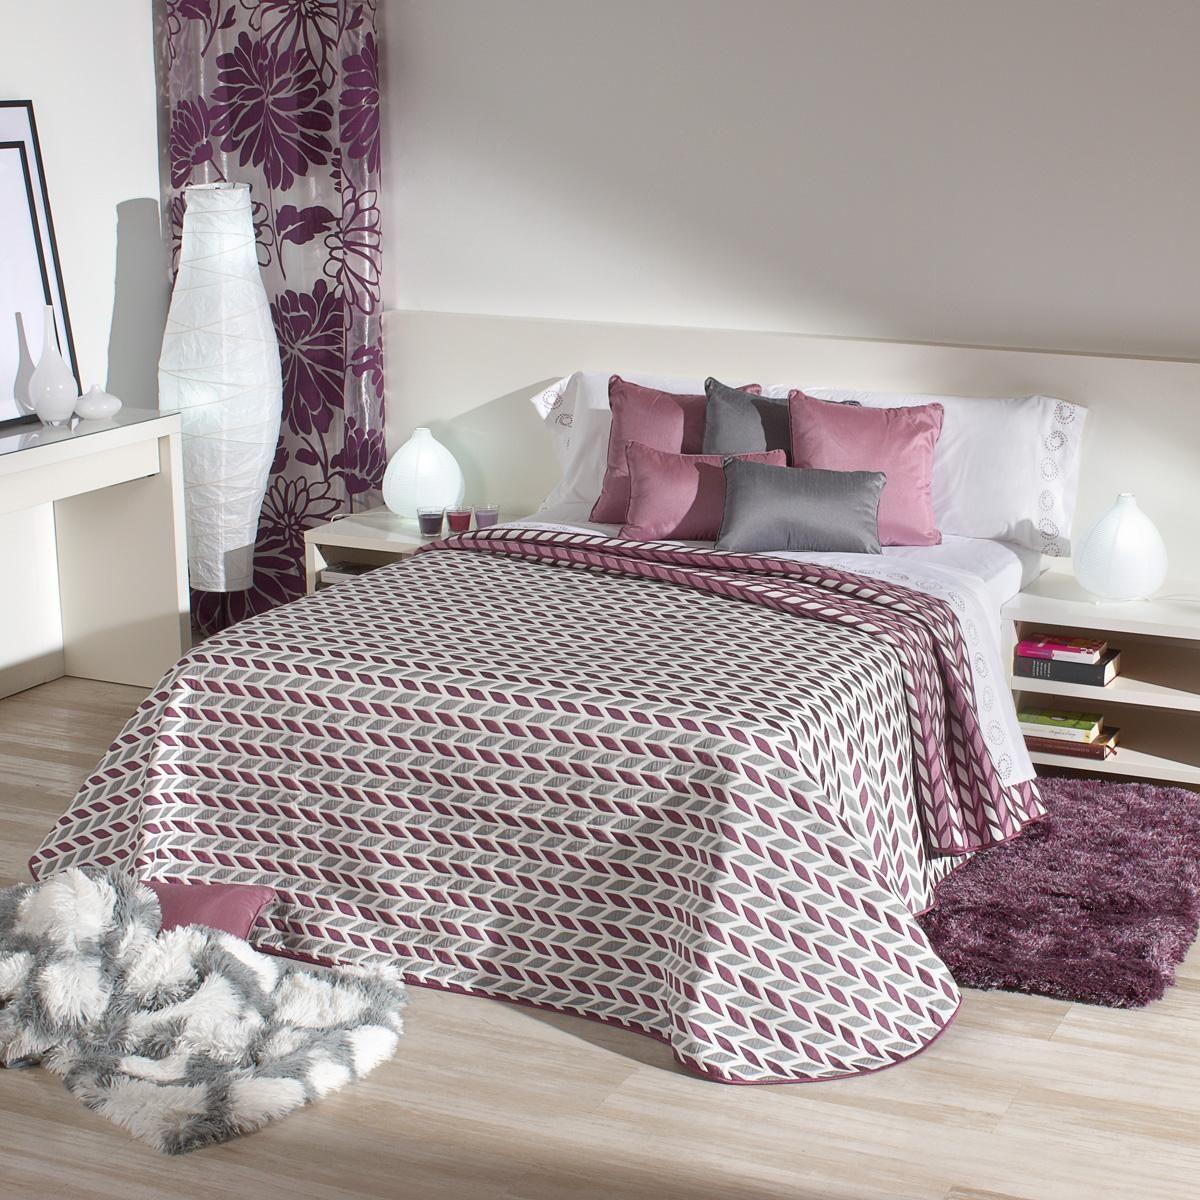 Colcha jacquard dilara colchas - Colchas de cama modernas ...